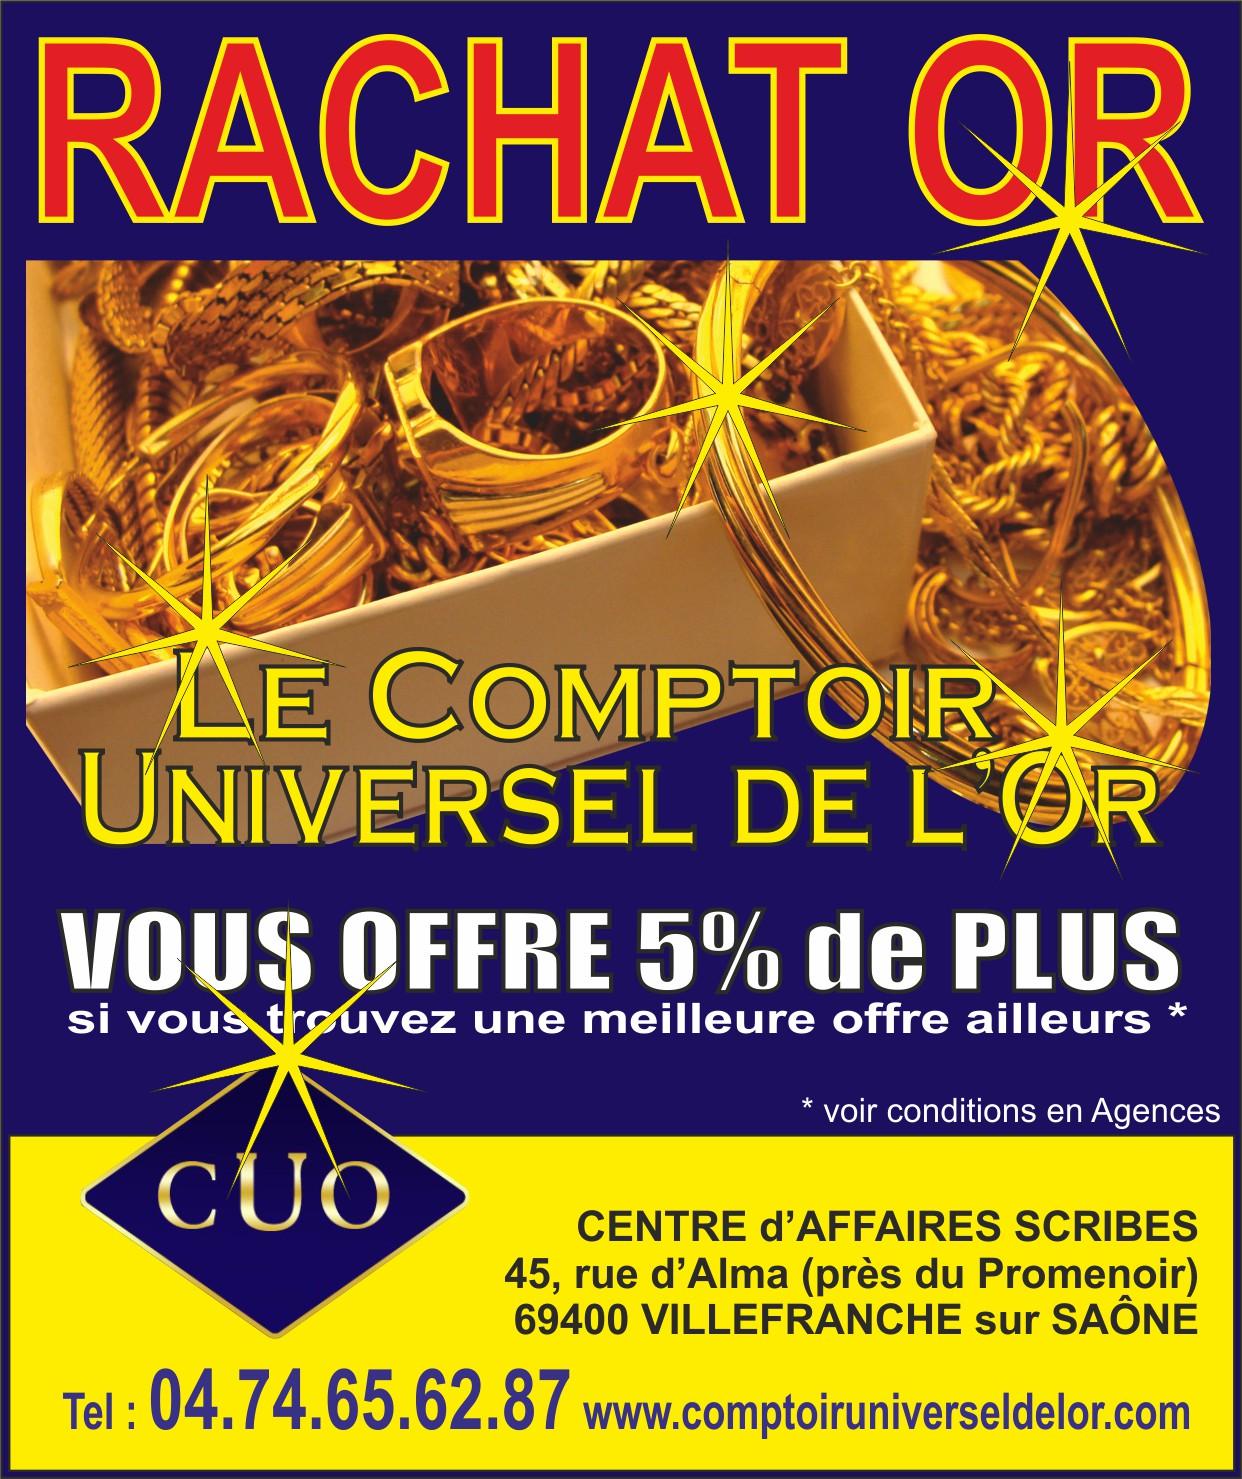 Bon plan achat or villefranche m con chalon sur sa ne - Comptoir universel de l or ...